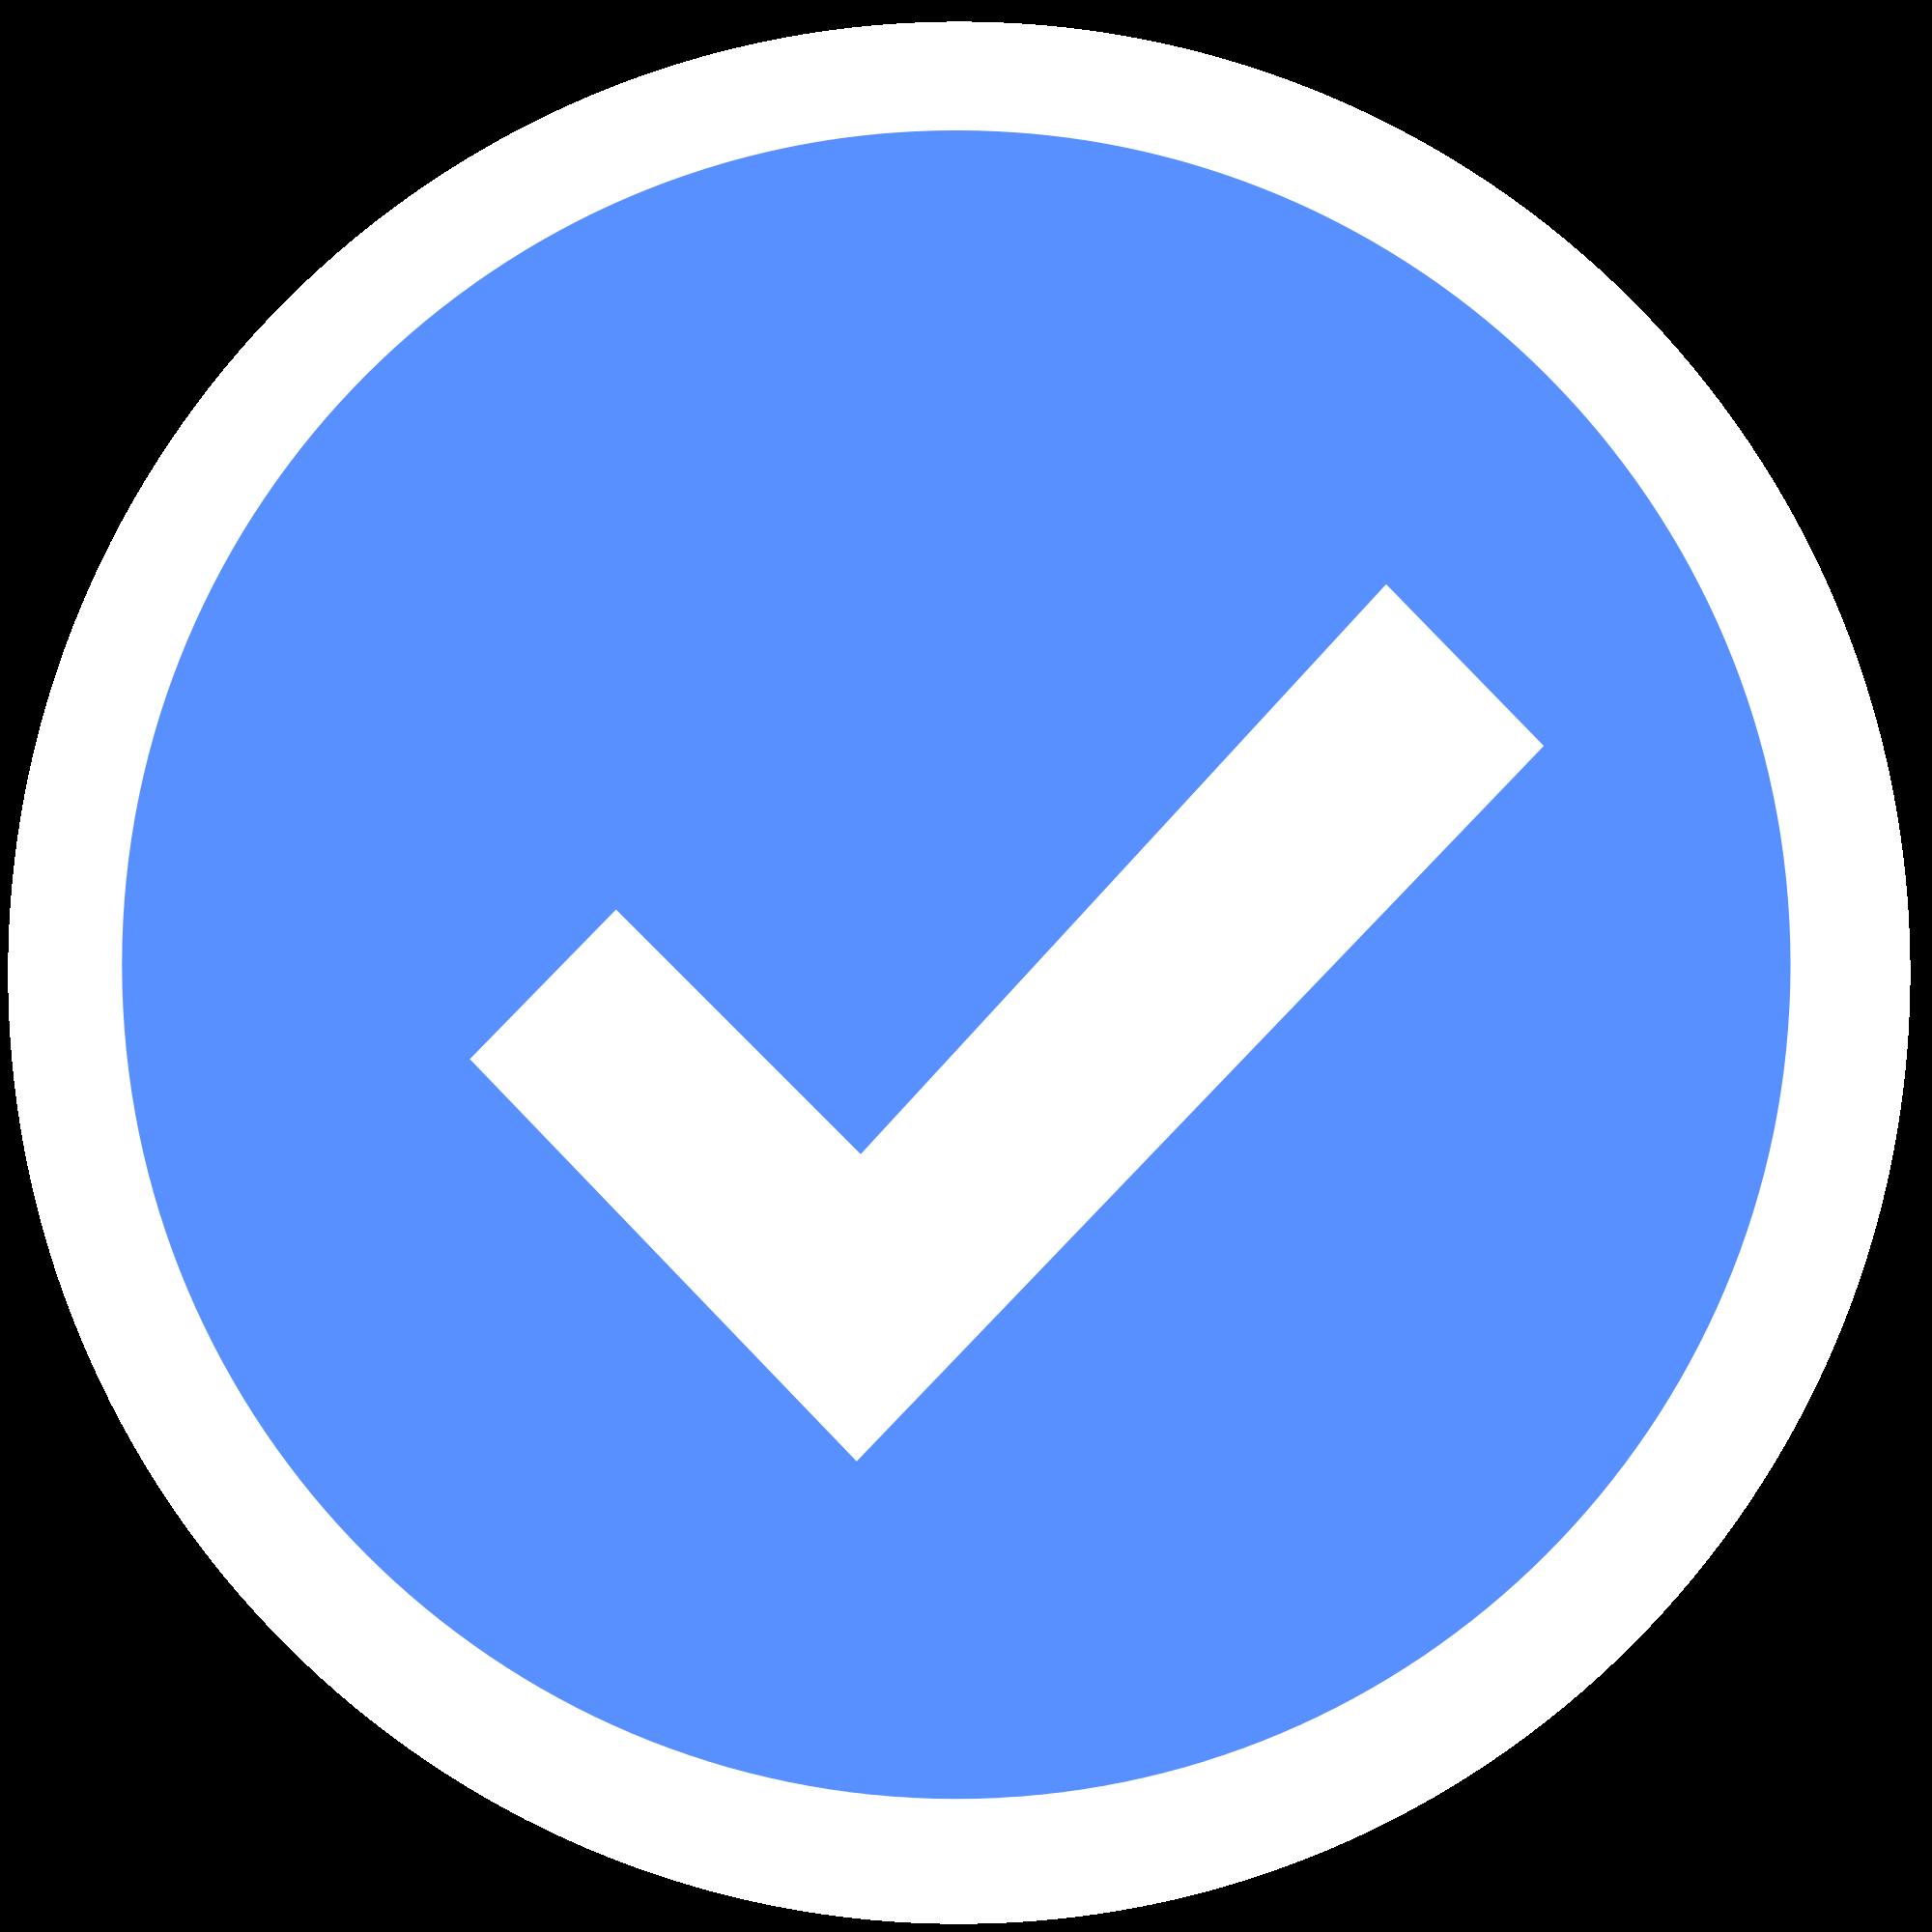 facebook-check-mark